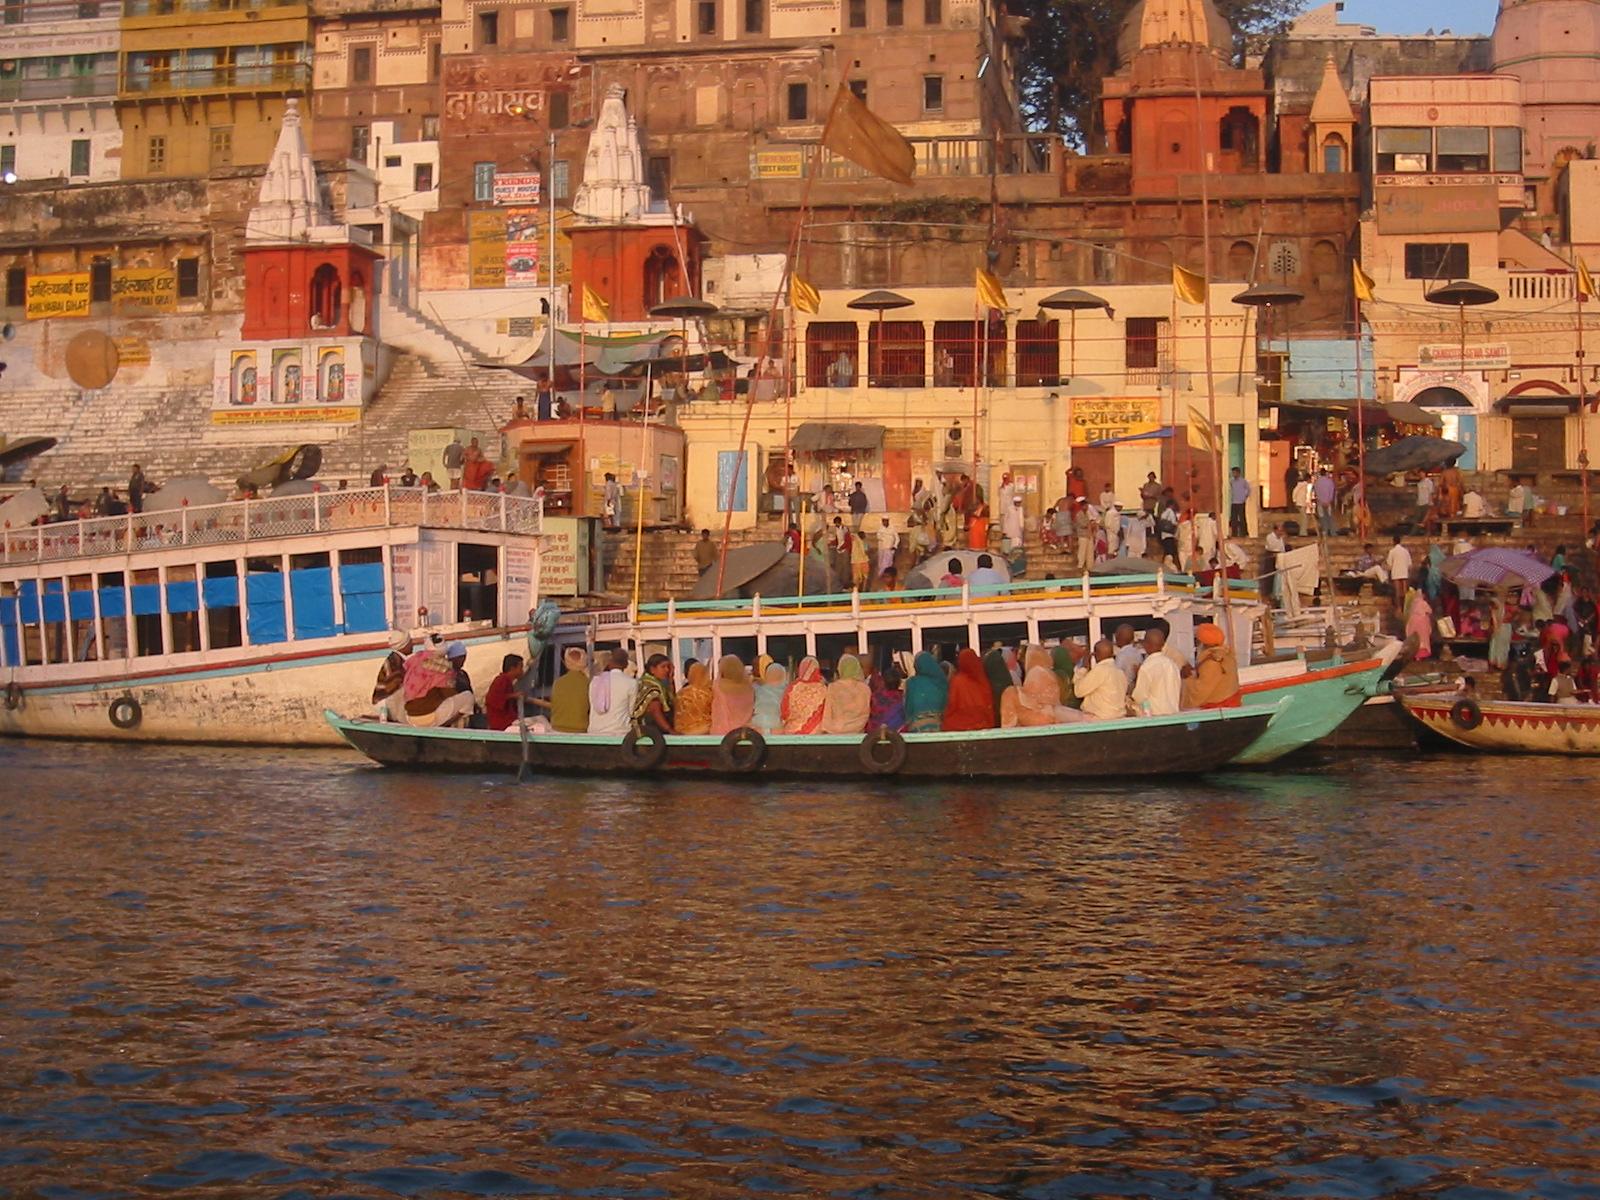 Dashashwamedha_ghat_on_the_Ganga,_Varanasi.jpg (1600×1200)